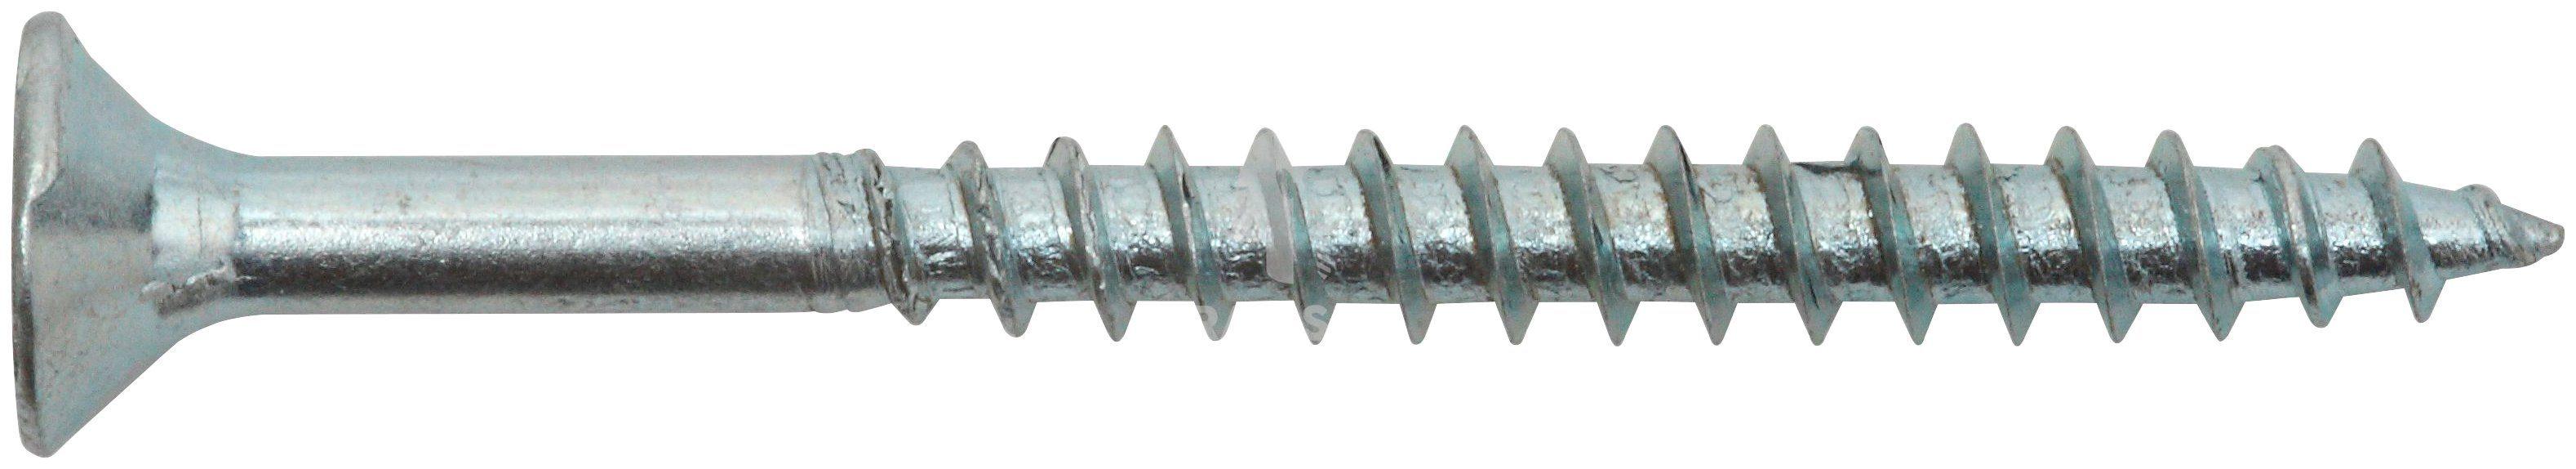 RAMSES Schrauben , Spanplattenschraube 3,5 x 35 mm PZ2 200 Stk.